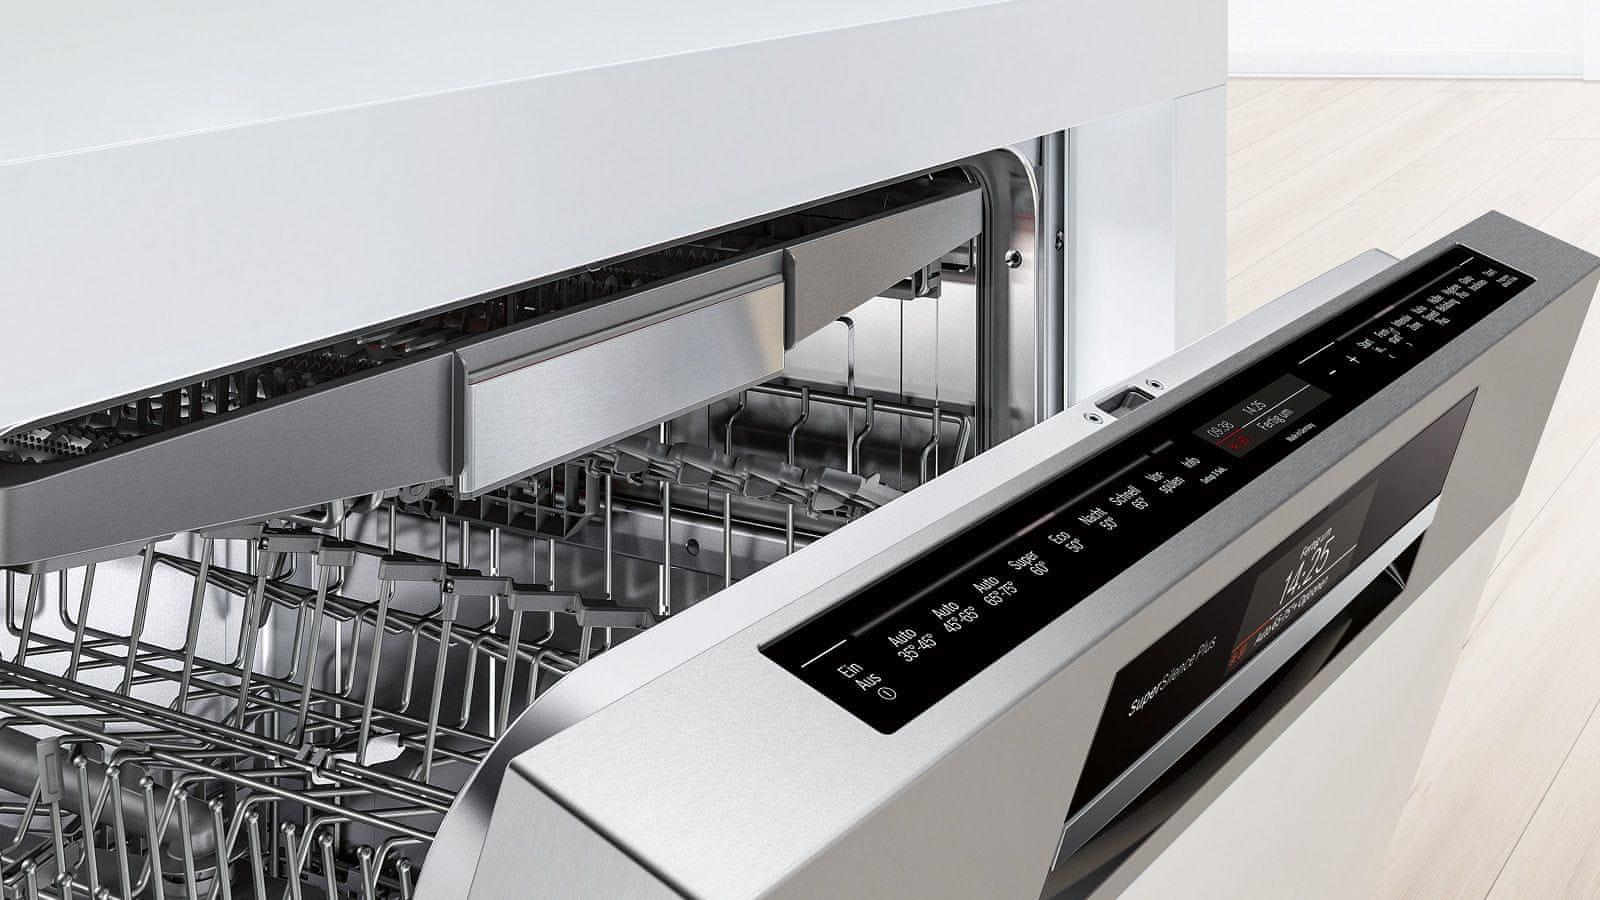 Enostavno čiščenje po zaslugi dodatnega pribora, ki ga lahko pomivate v pomivalnem stroju